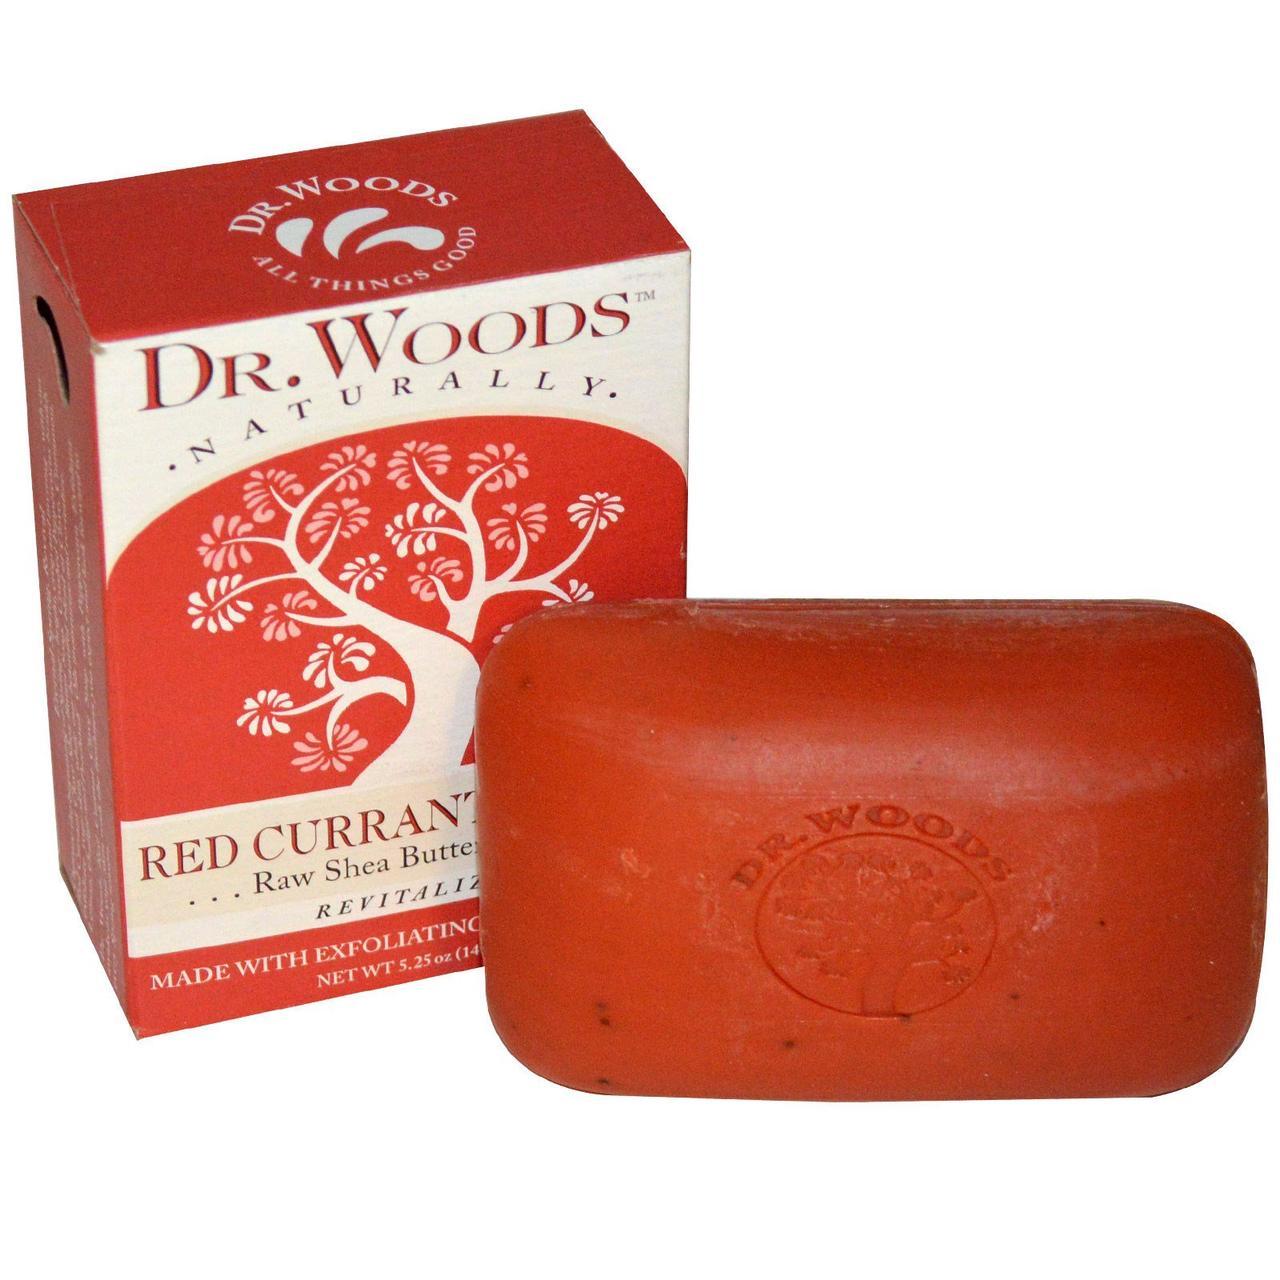 Мыло смородина+гвоздика, Soap, Dr. Woods, 149 гр.